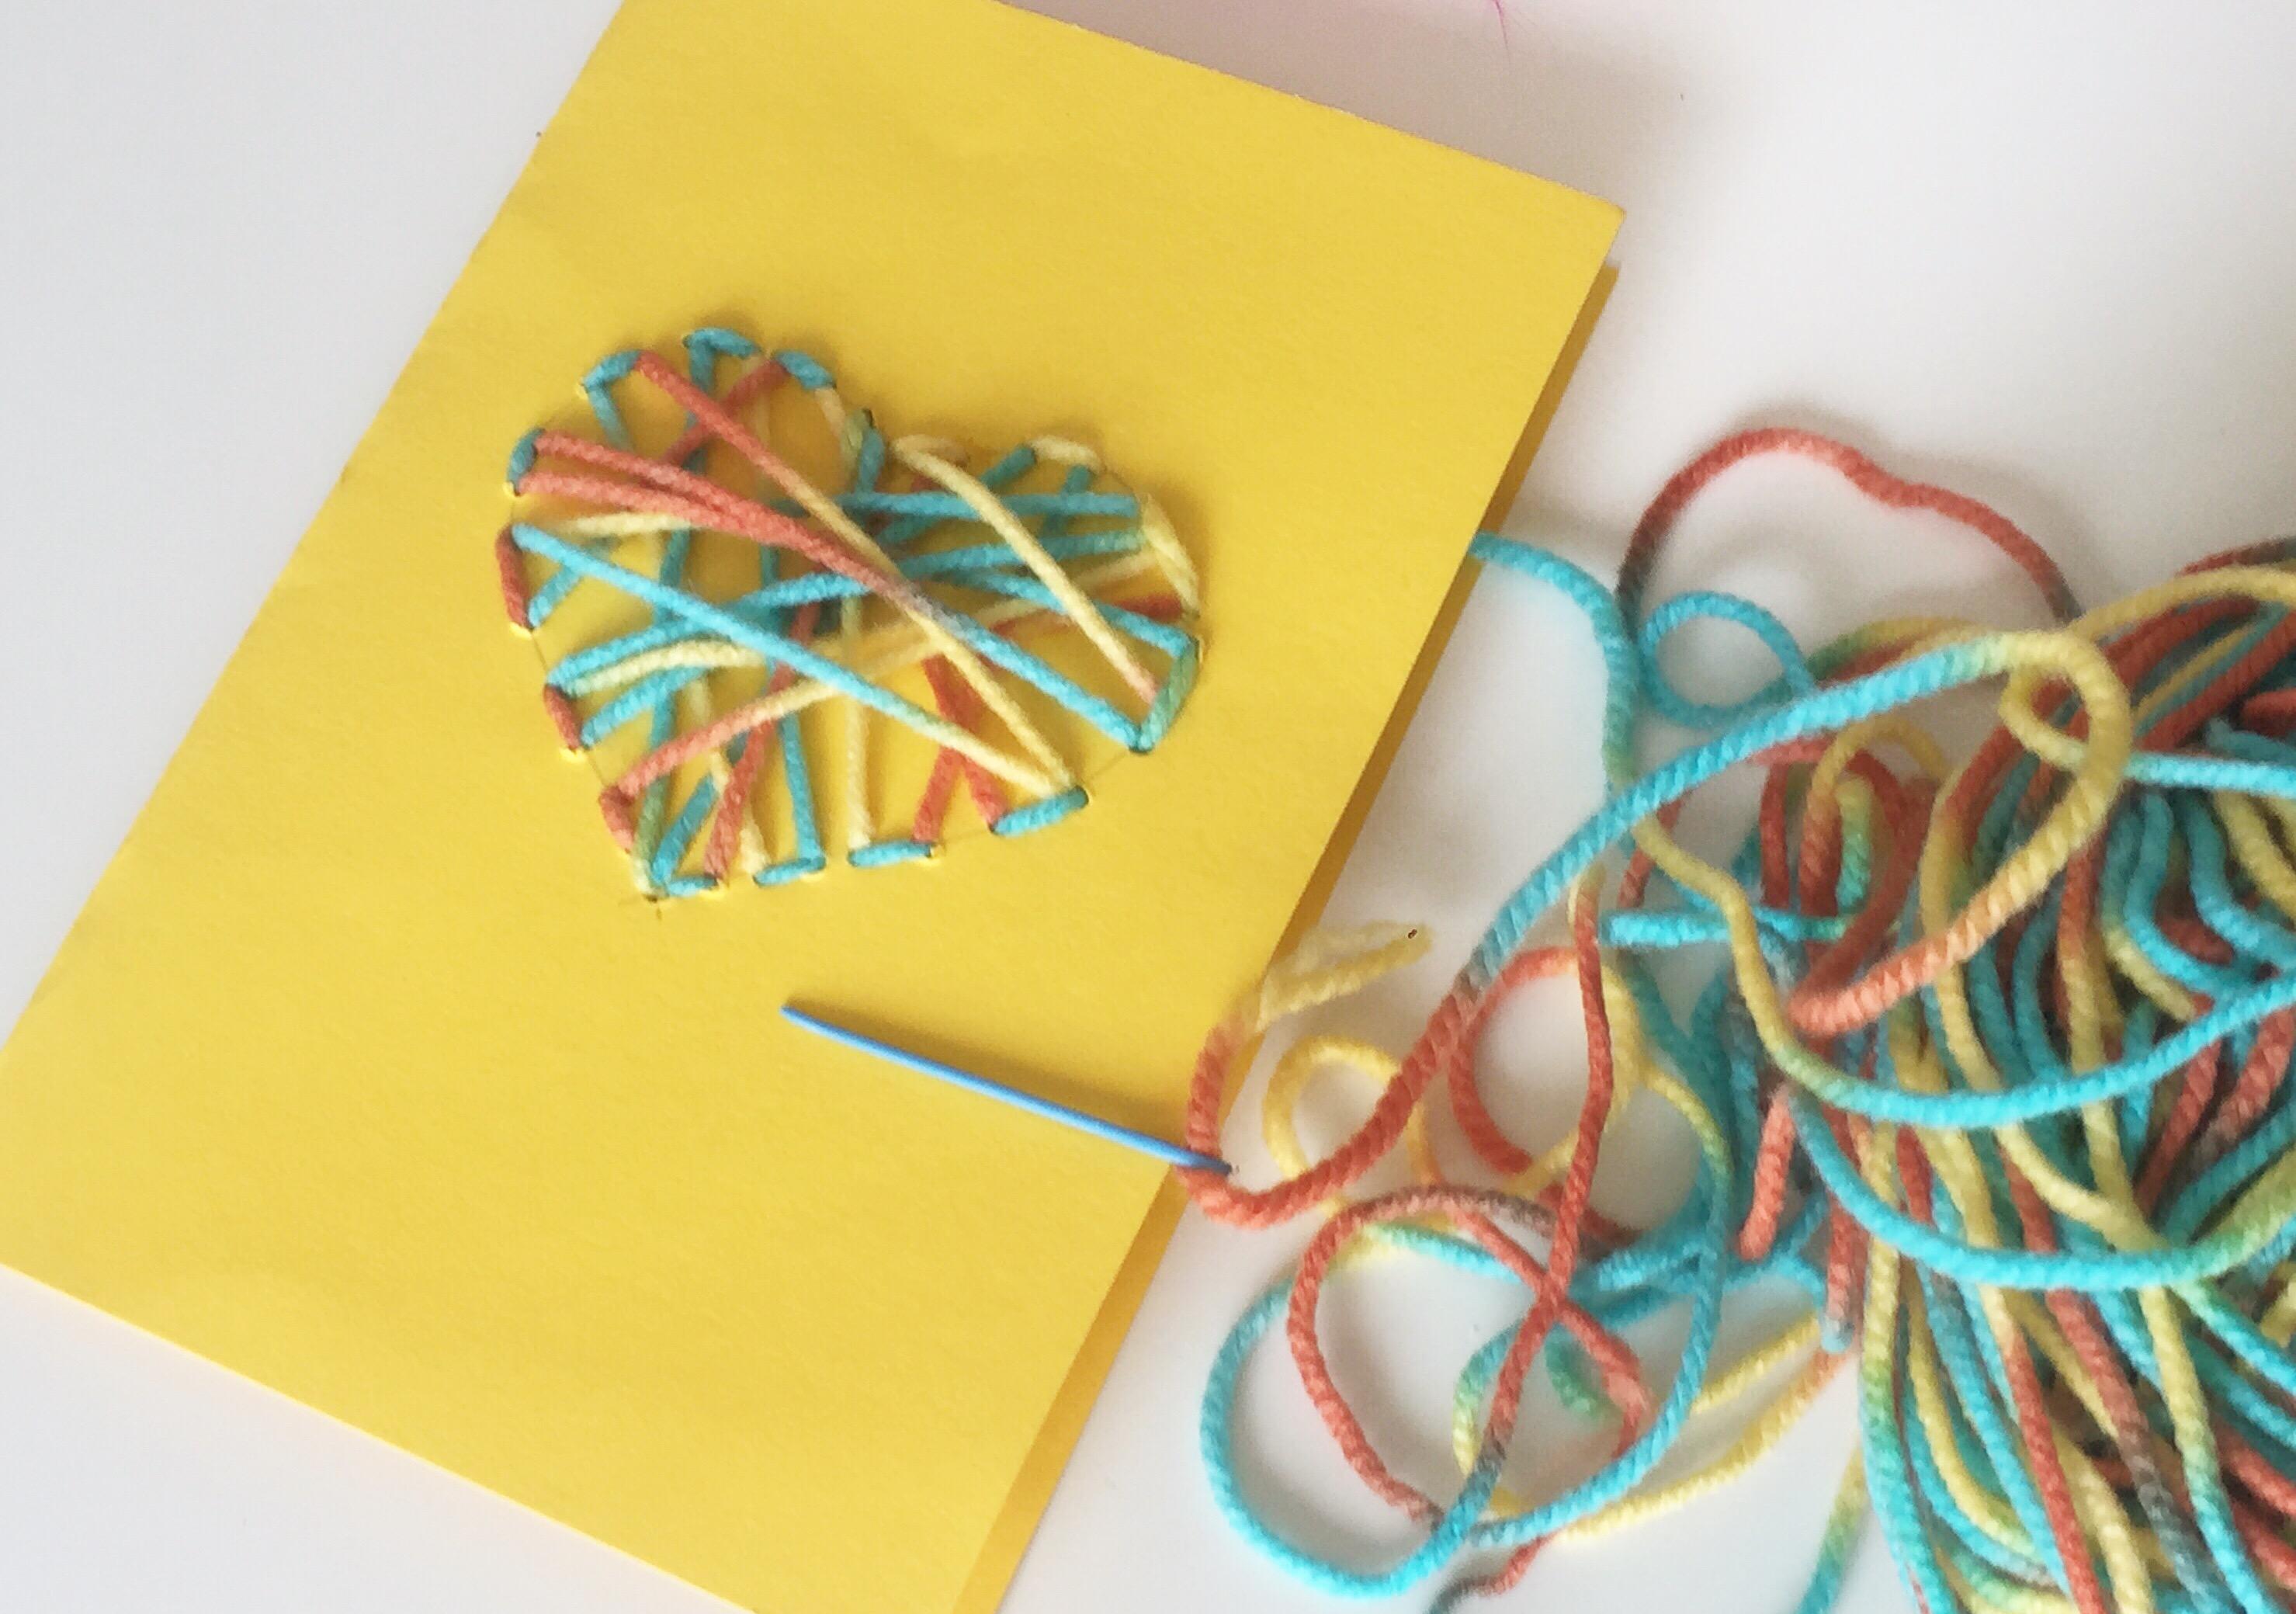 tarjeta regalo DIY corazon cosido